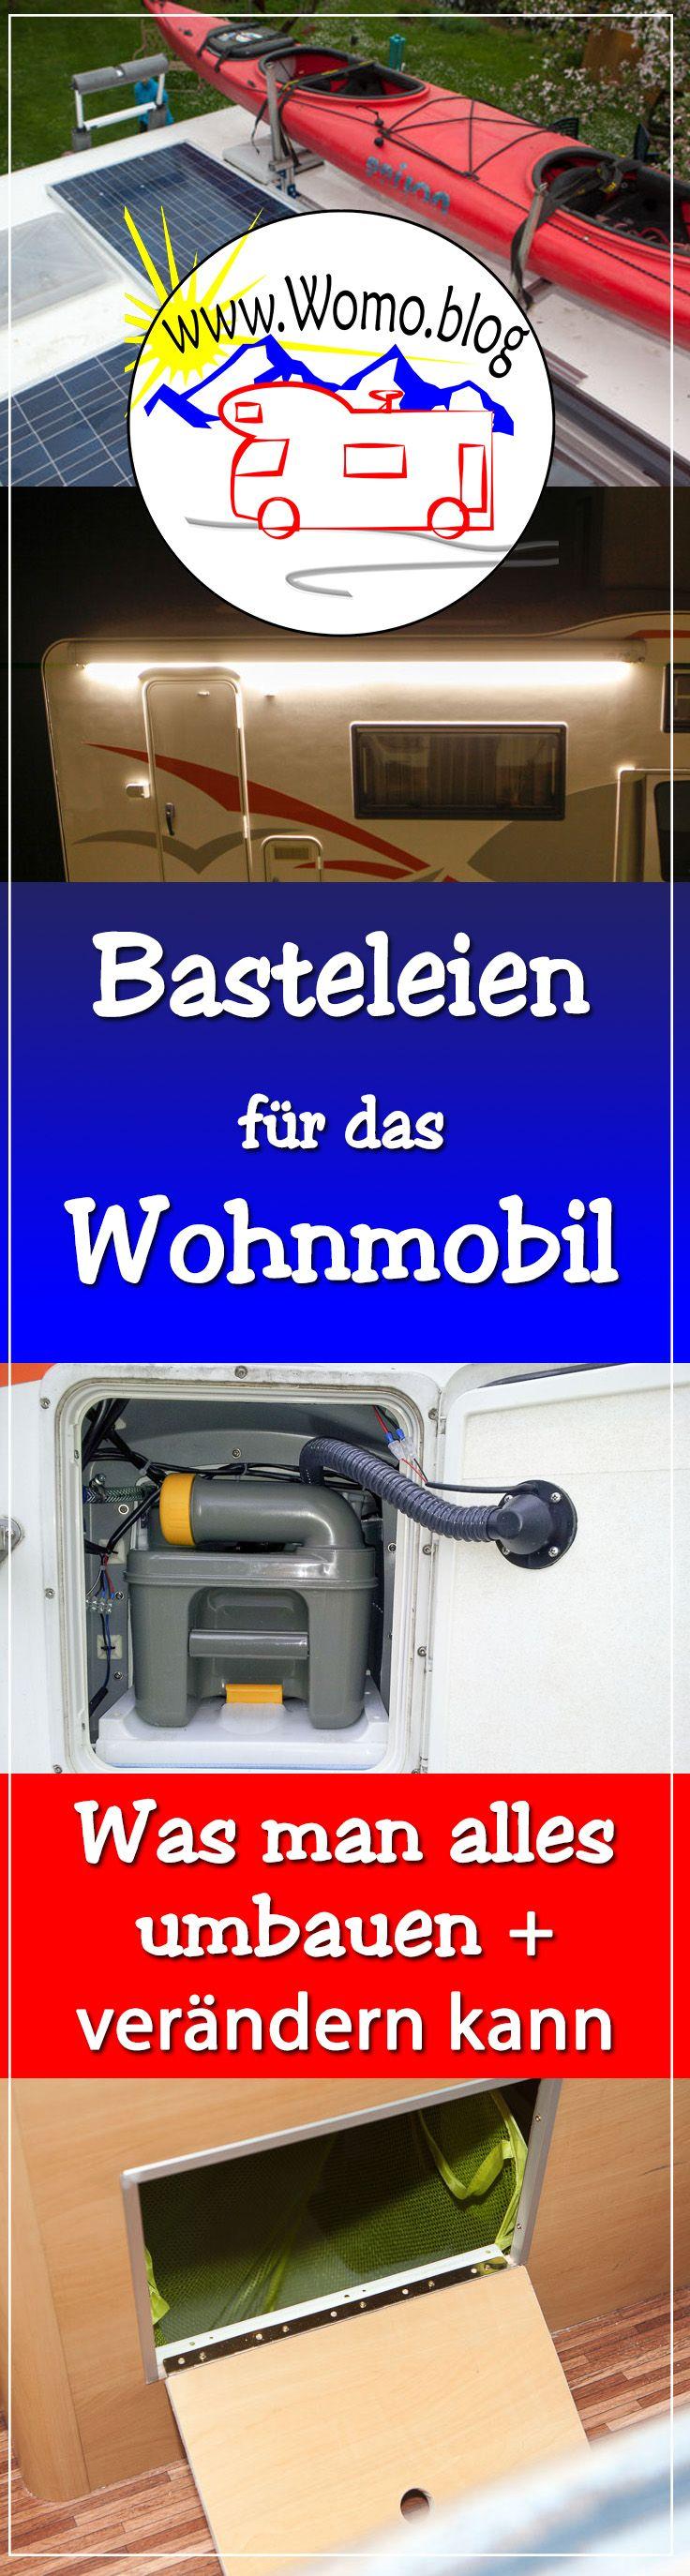 Basteleien – Ursula König